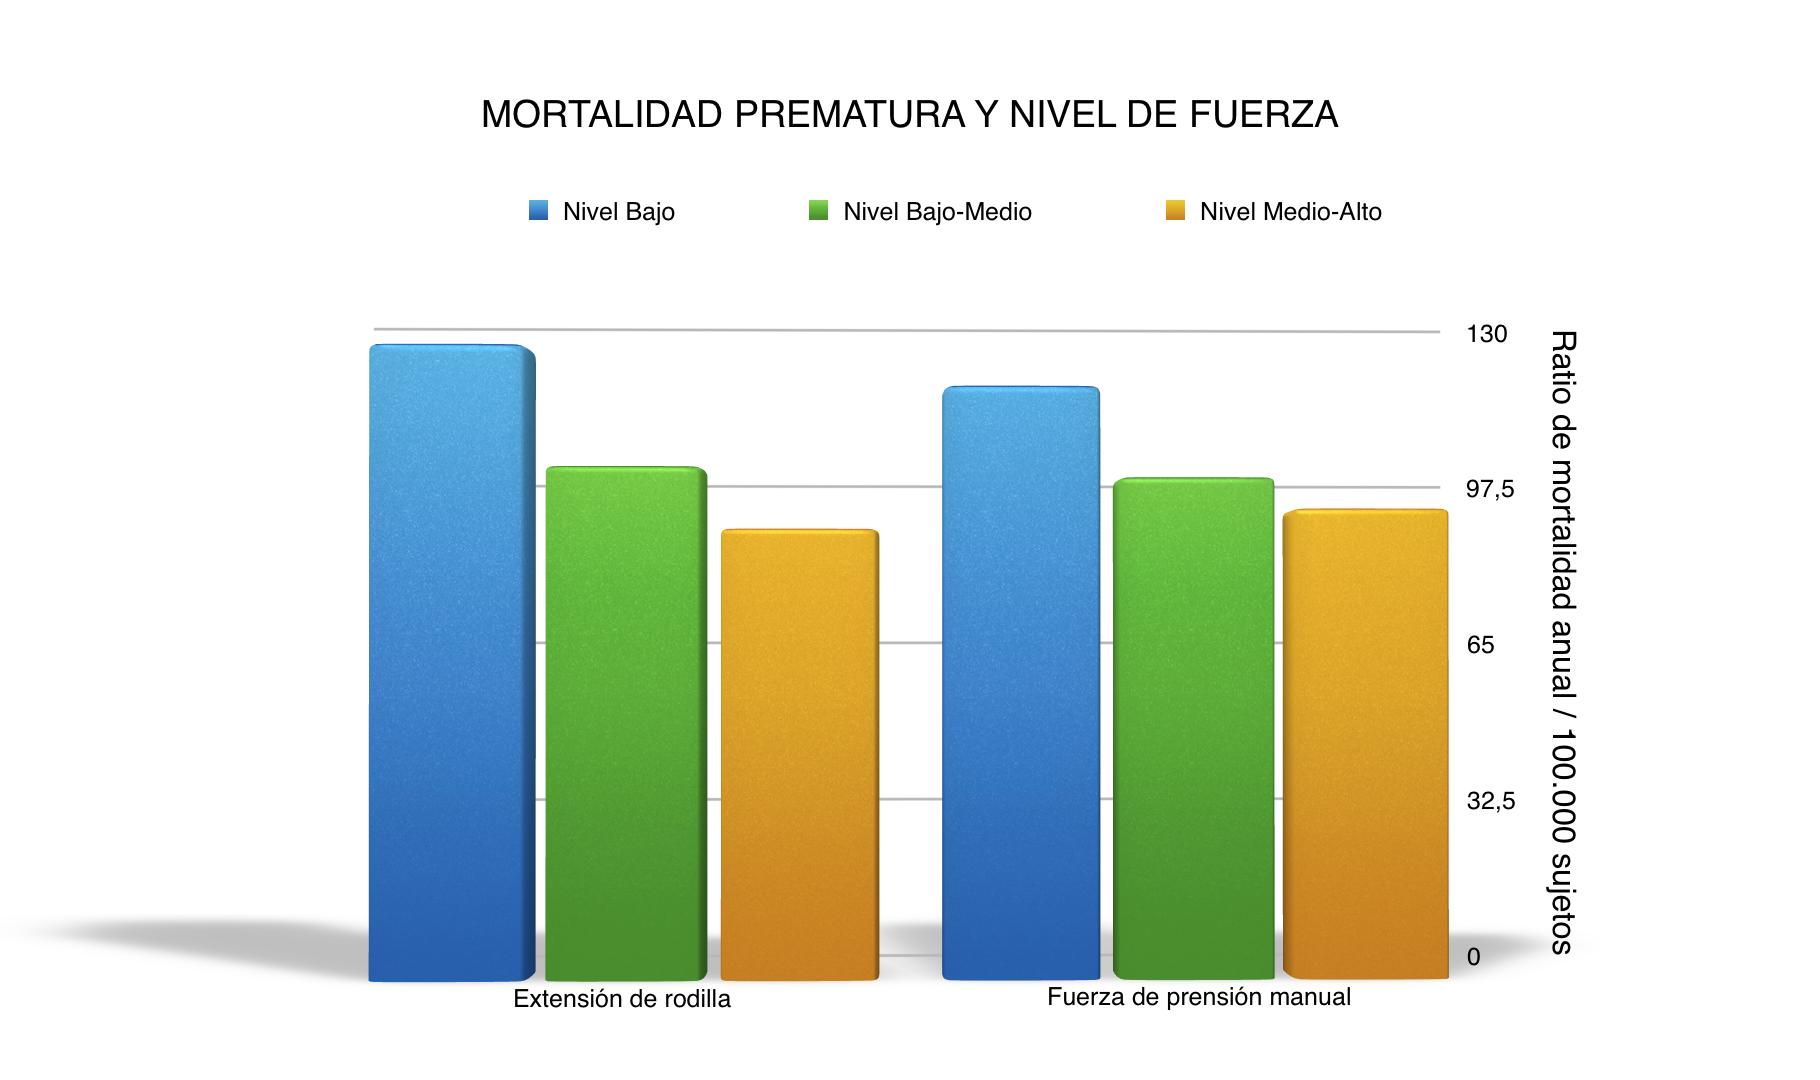 Fissac - Mortalidad prematura y niveles de fuerza